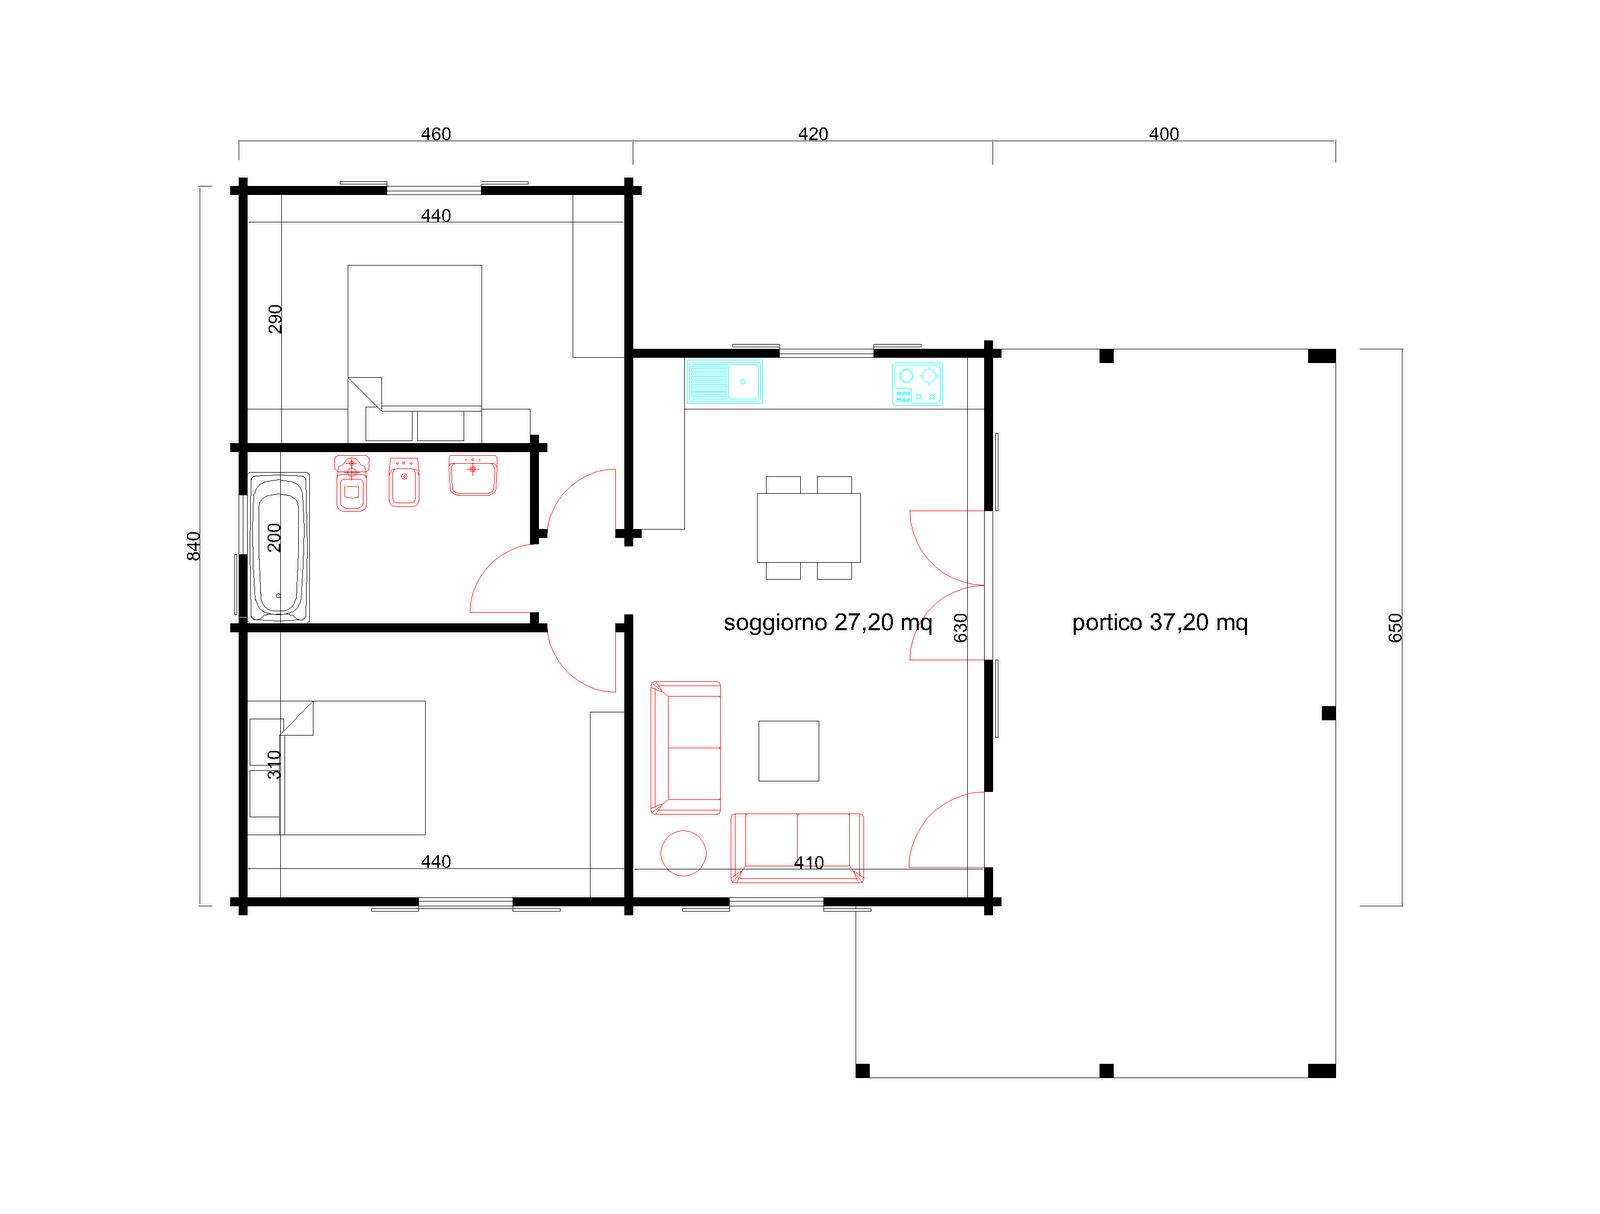 Progetti di case in legno casa 61 mq portico 37 mq for Progetti di case costiere